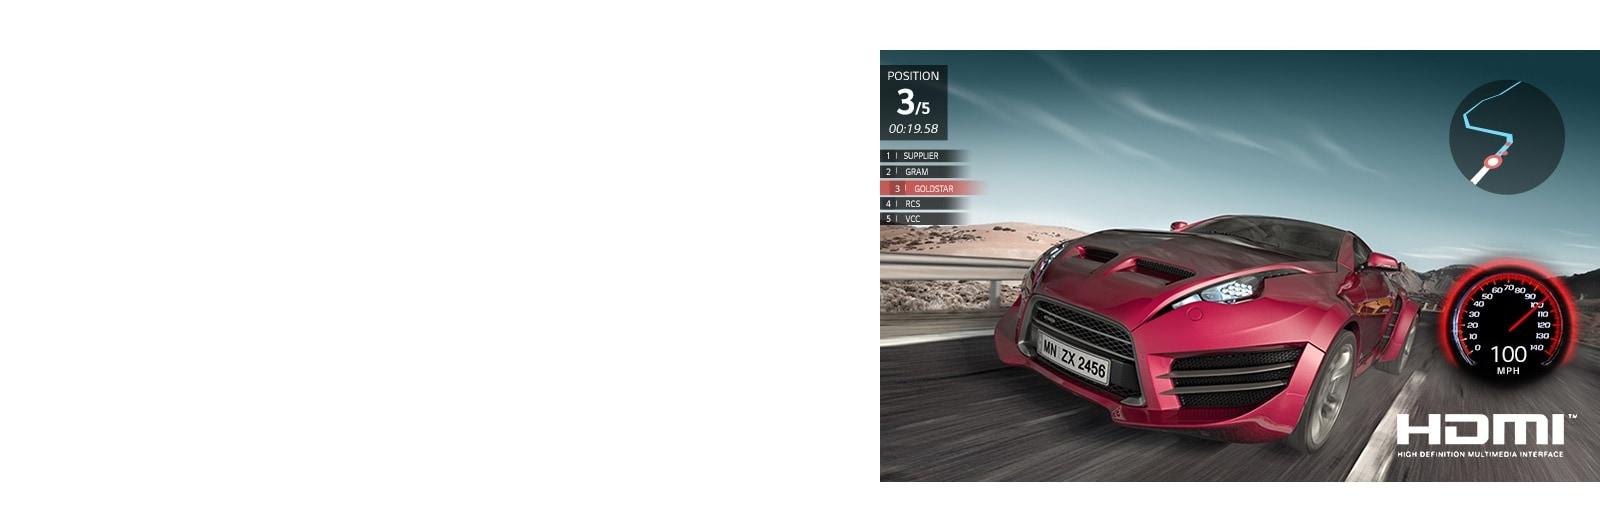 Сцена из автомобильной гоночной игры. Красная машина показала близкий рейтинг третьего места.